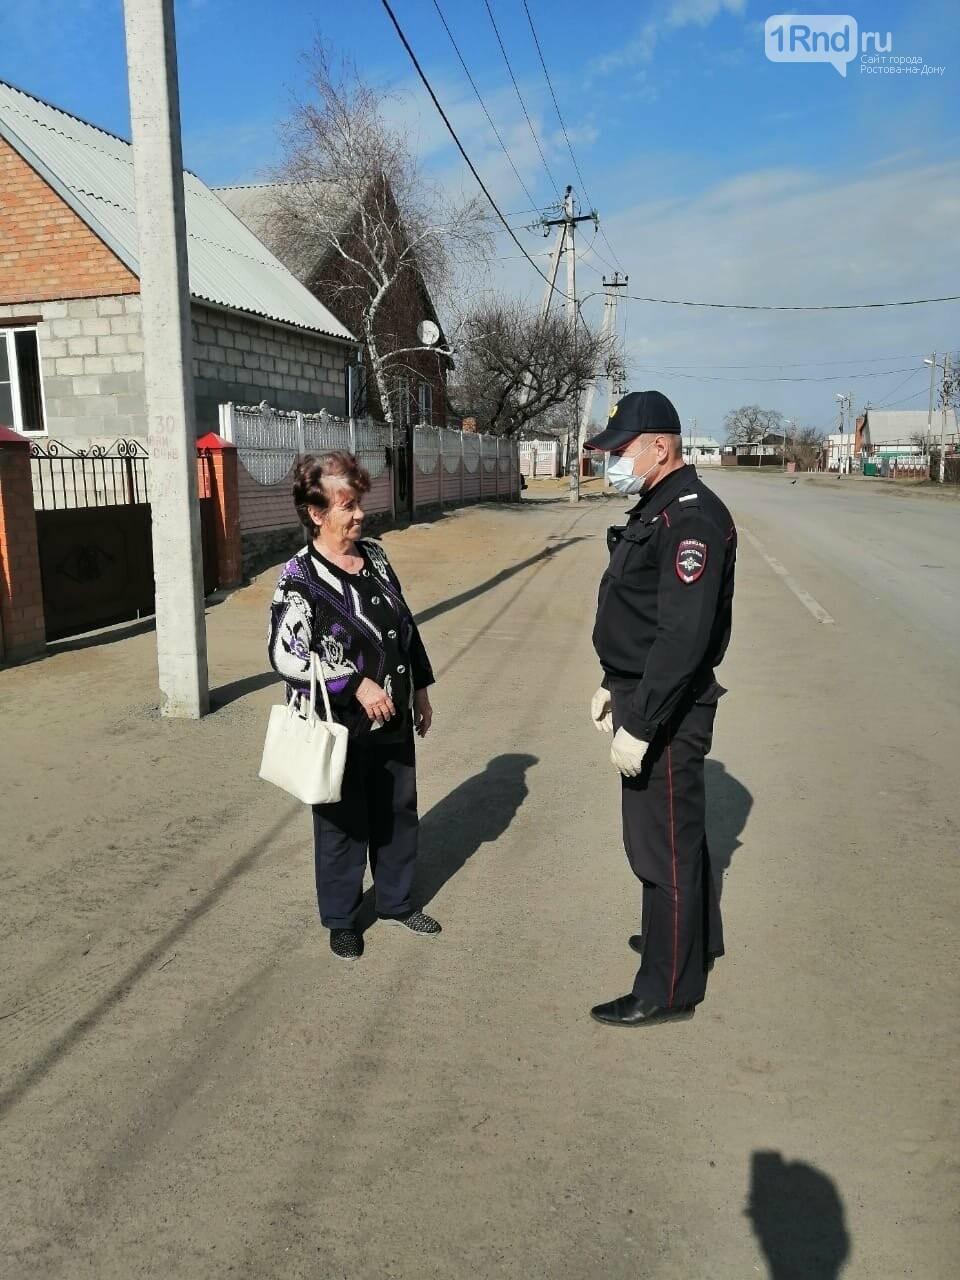 Донская полиция предупредила людей о соблюдении режима самоизоляции, фото-3